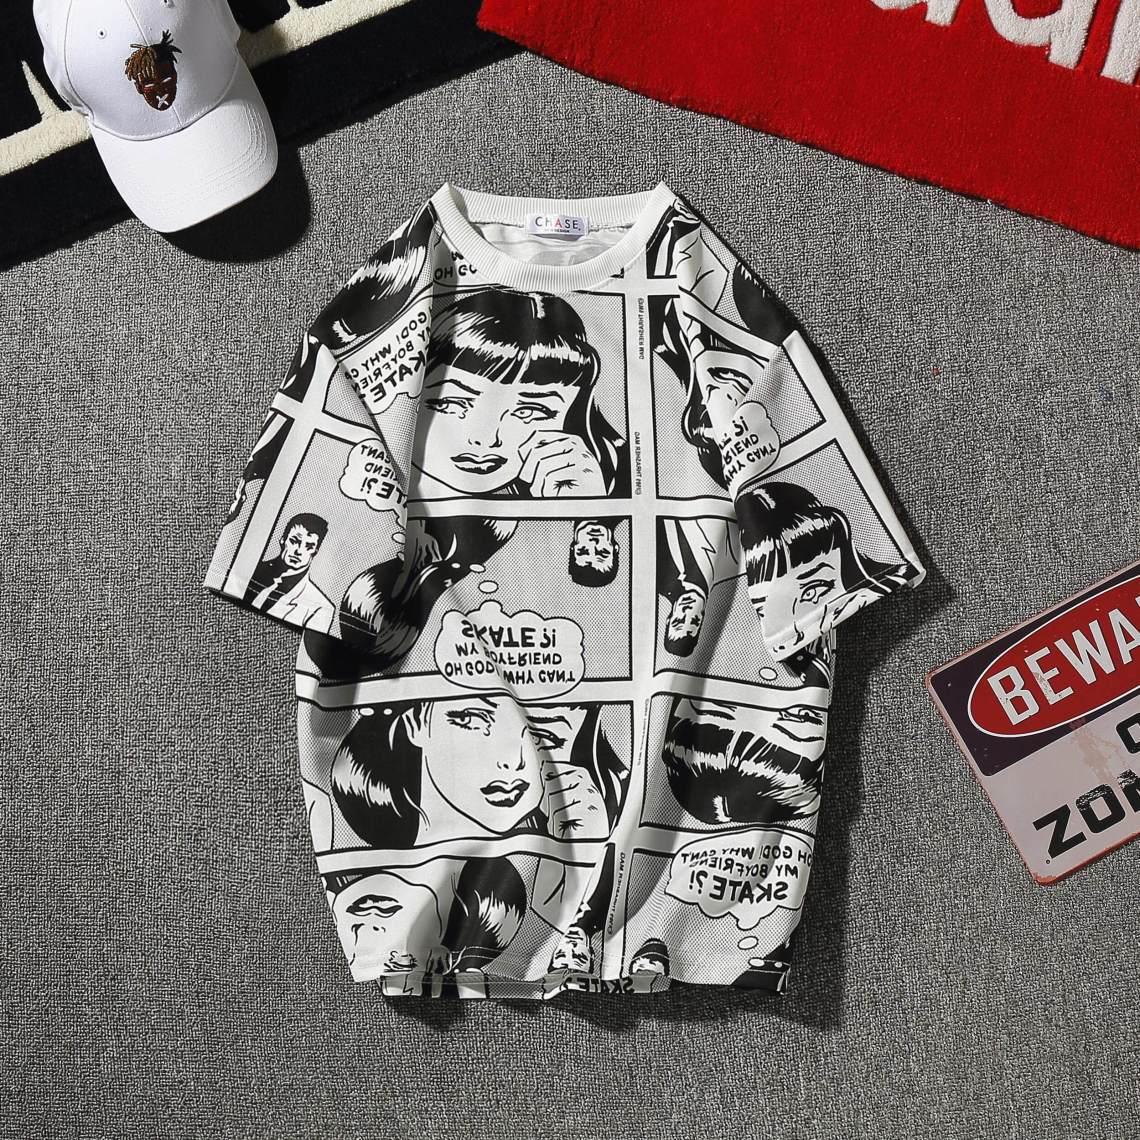 Musim Panas Versi Korea Pria Satu Set Pakaian Tampan Sosial Pria Lengan Pendek Baju Kaos Tren Membentuk Tubuh Celana Pendek Set Dua Potong